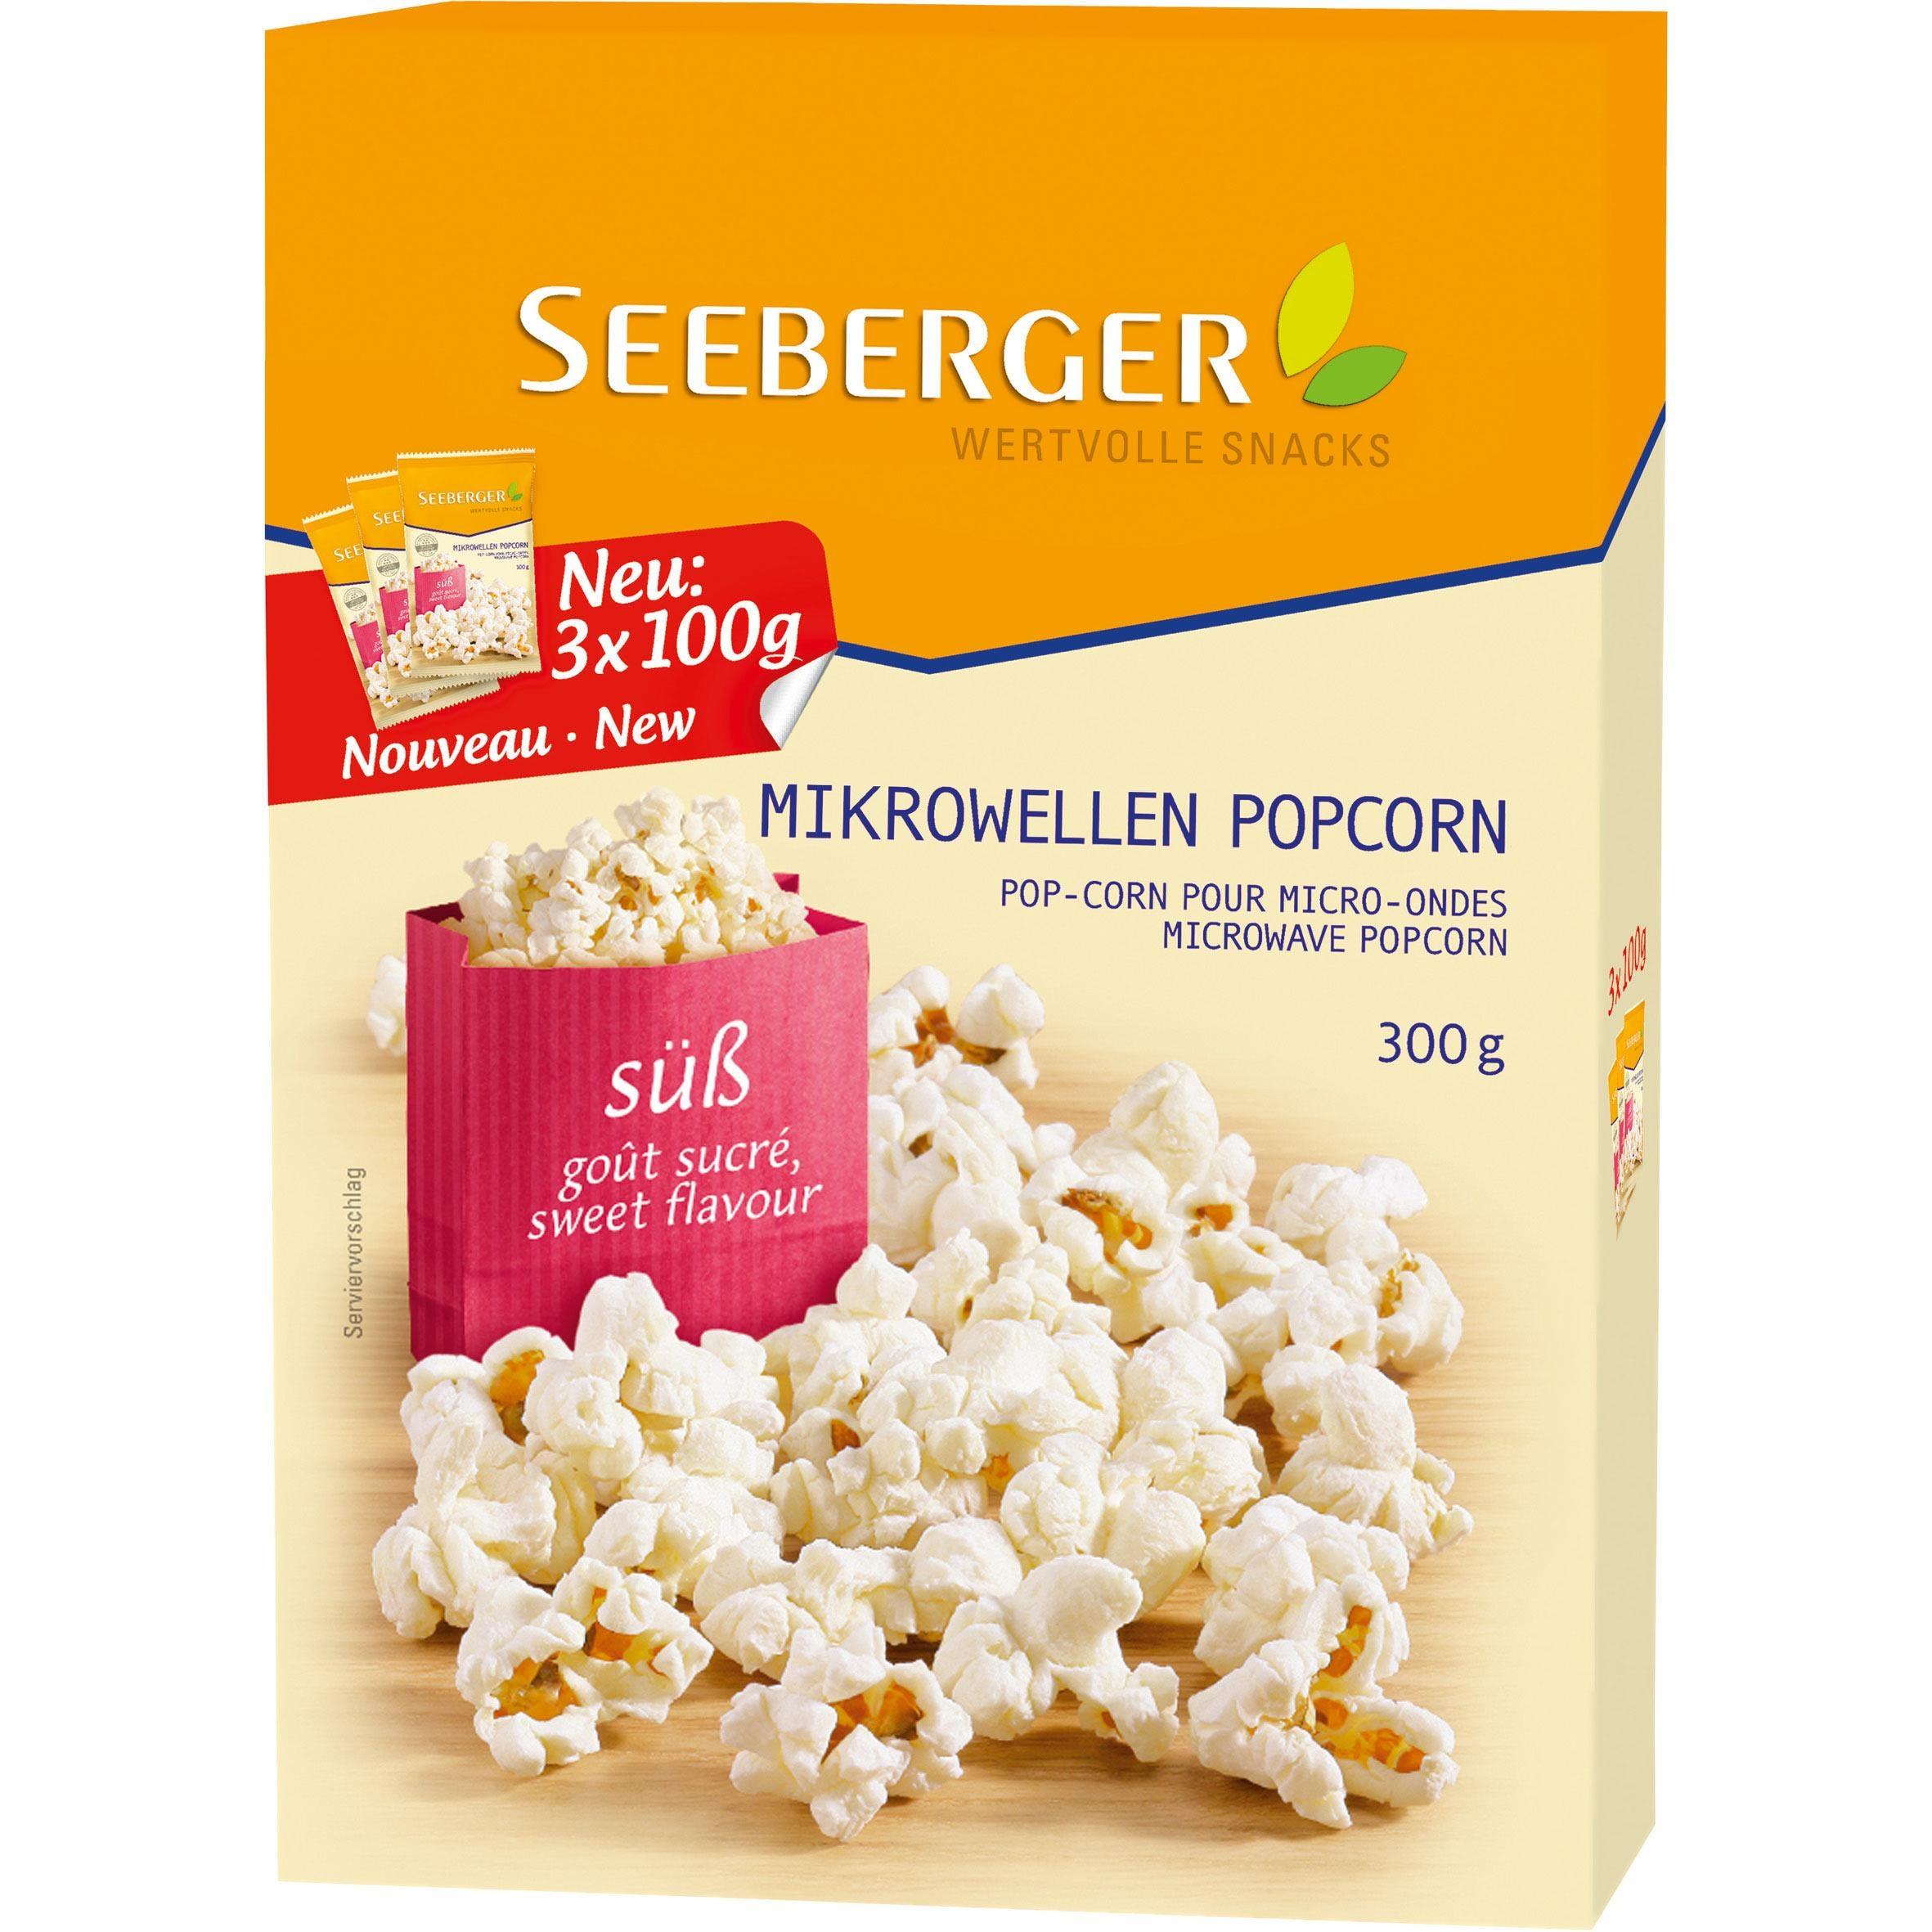 Seeberger - Süßes Mikrowellen-Popcorn 3x100g